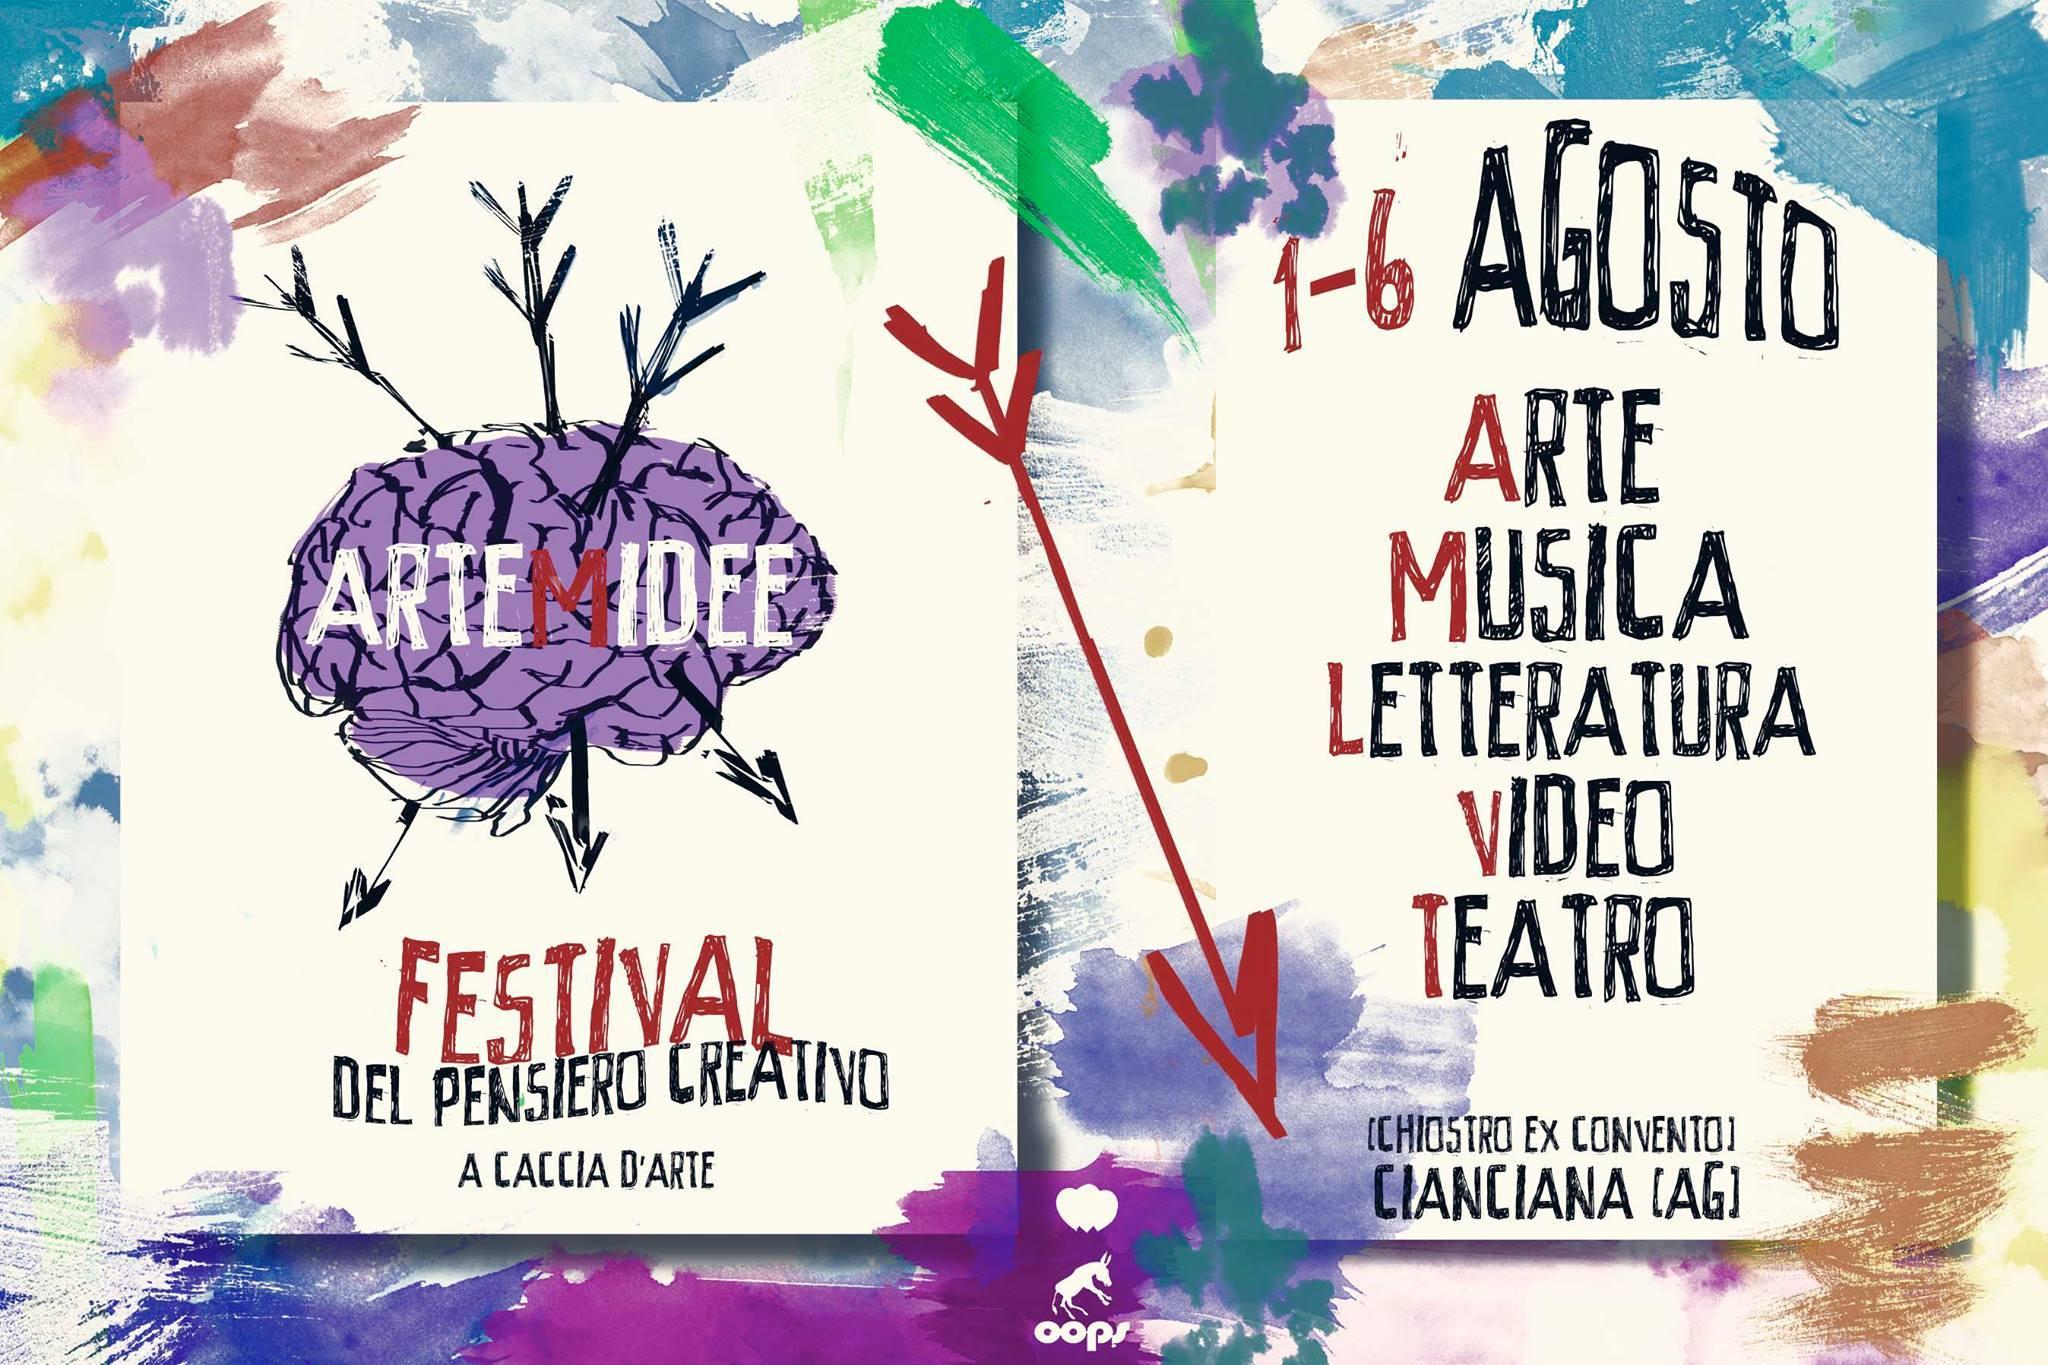 """Festival del Pensiero Creativo """"ARTemide – a caccia di arte"""": esposizioni, performance, concerti e workshop"""